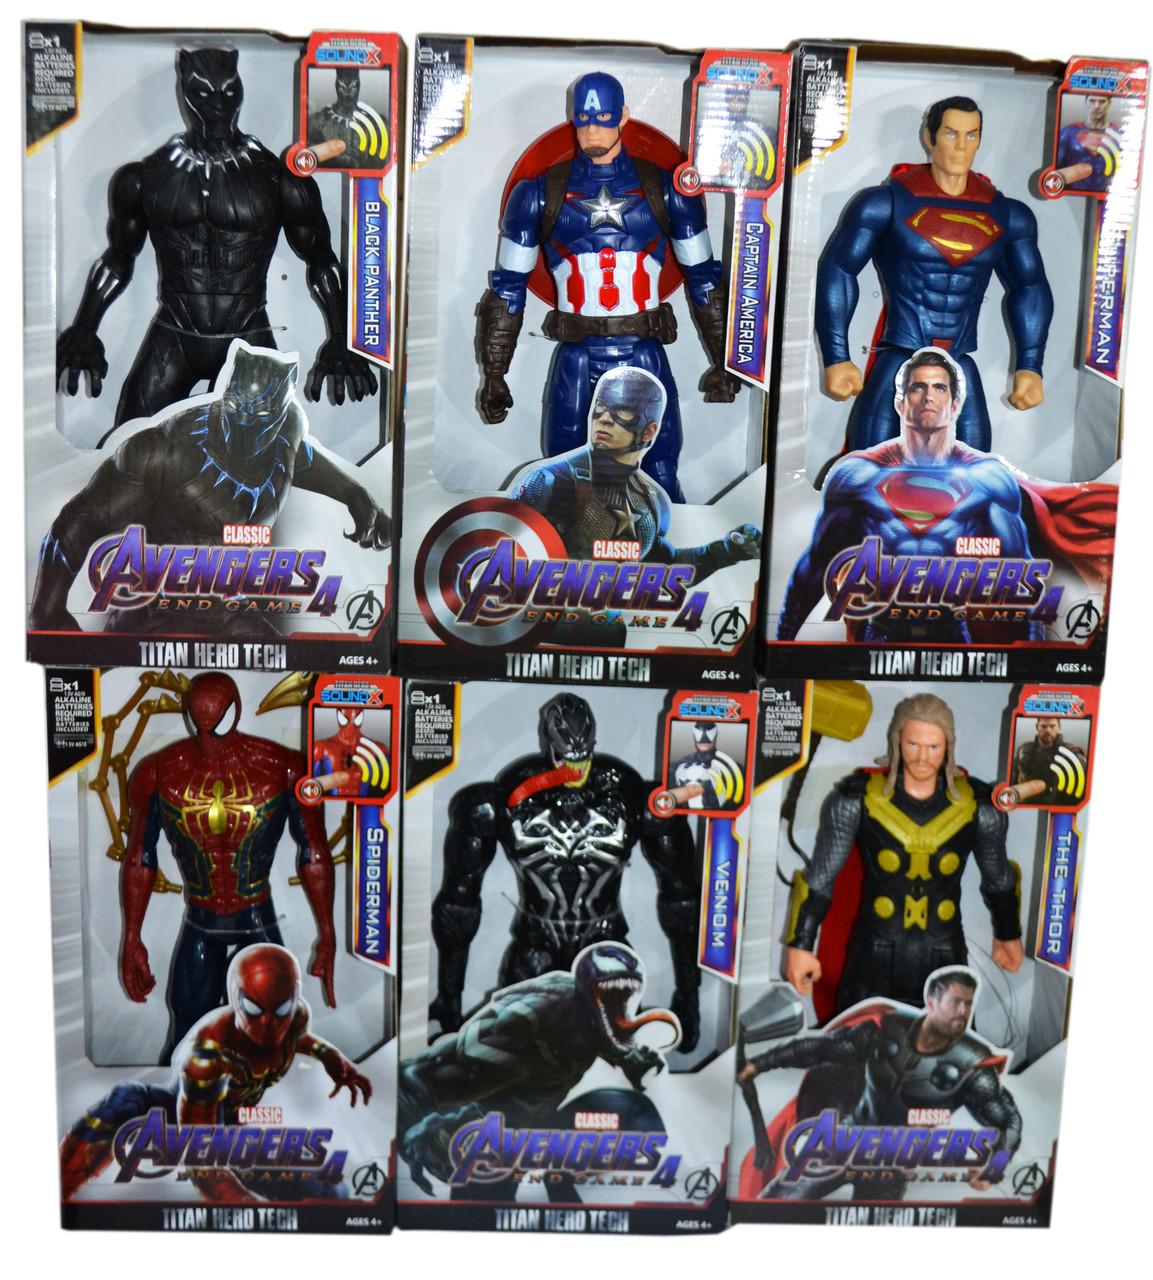 8818-23 Фигурки героев Avengers and game разные виды 31*18